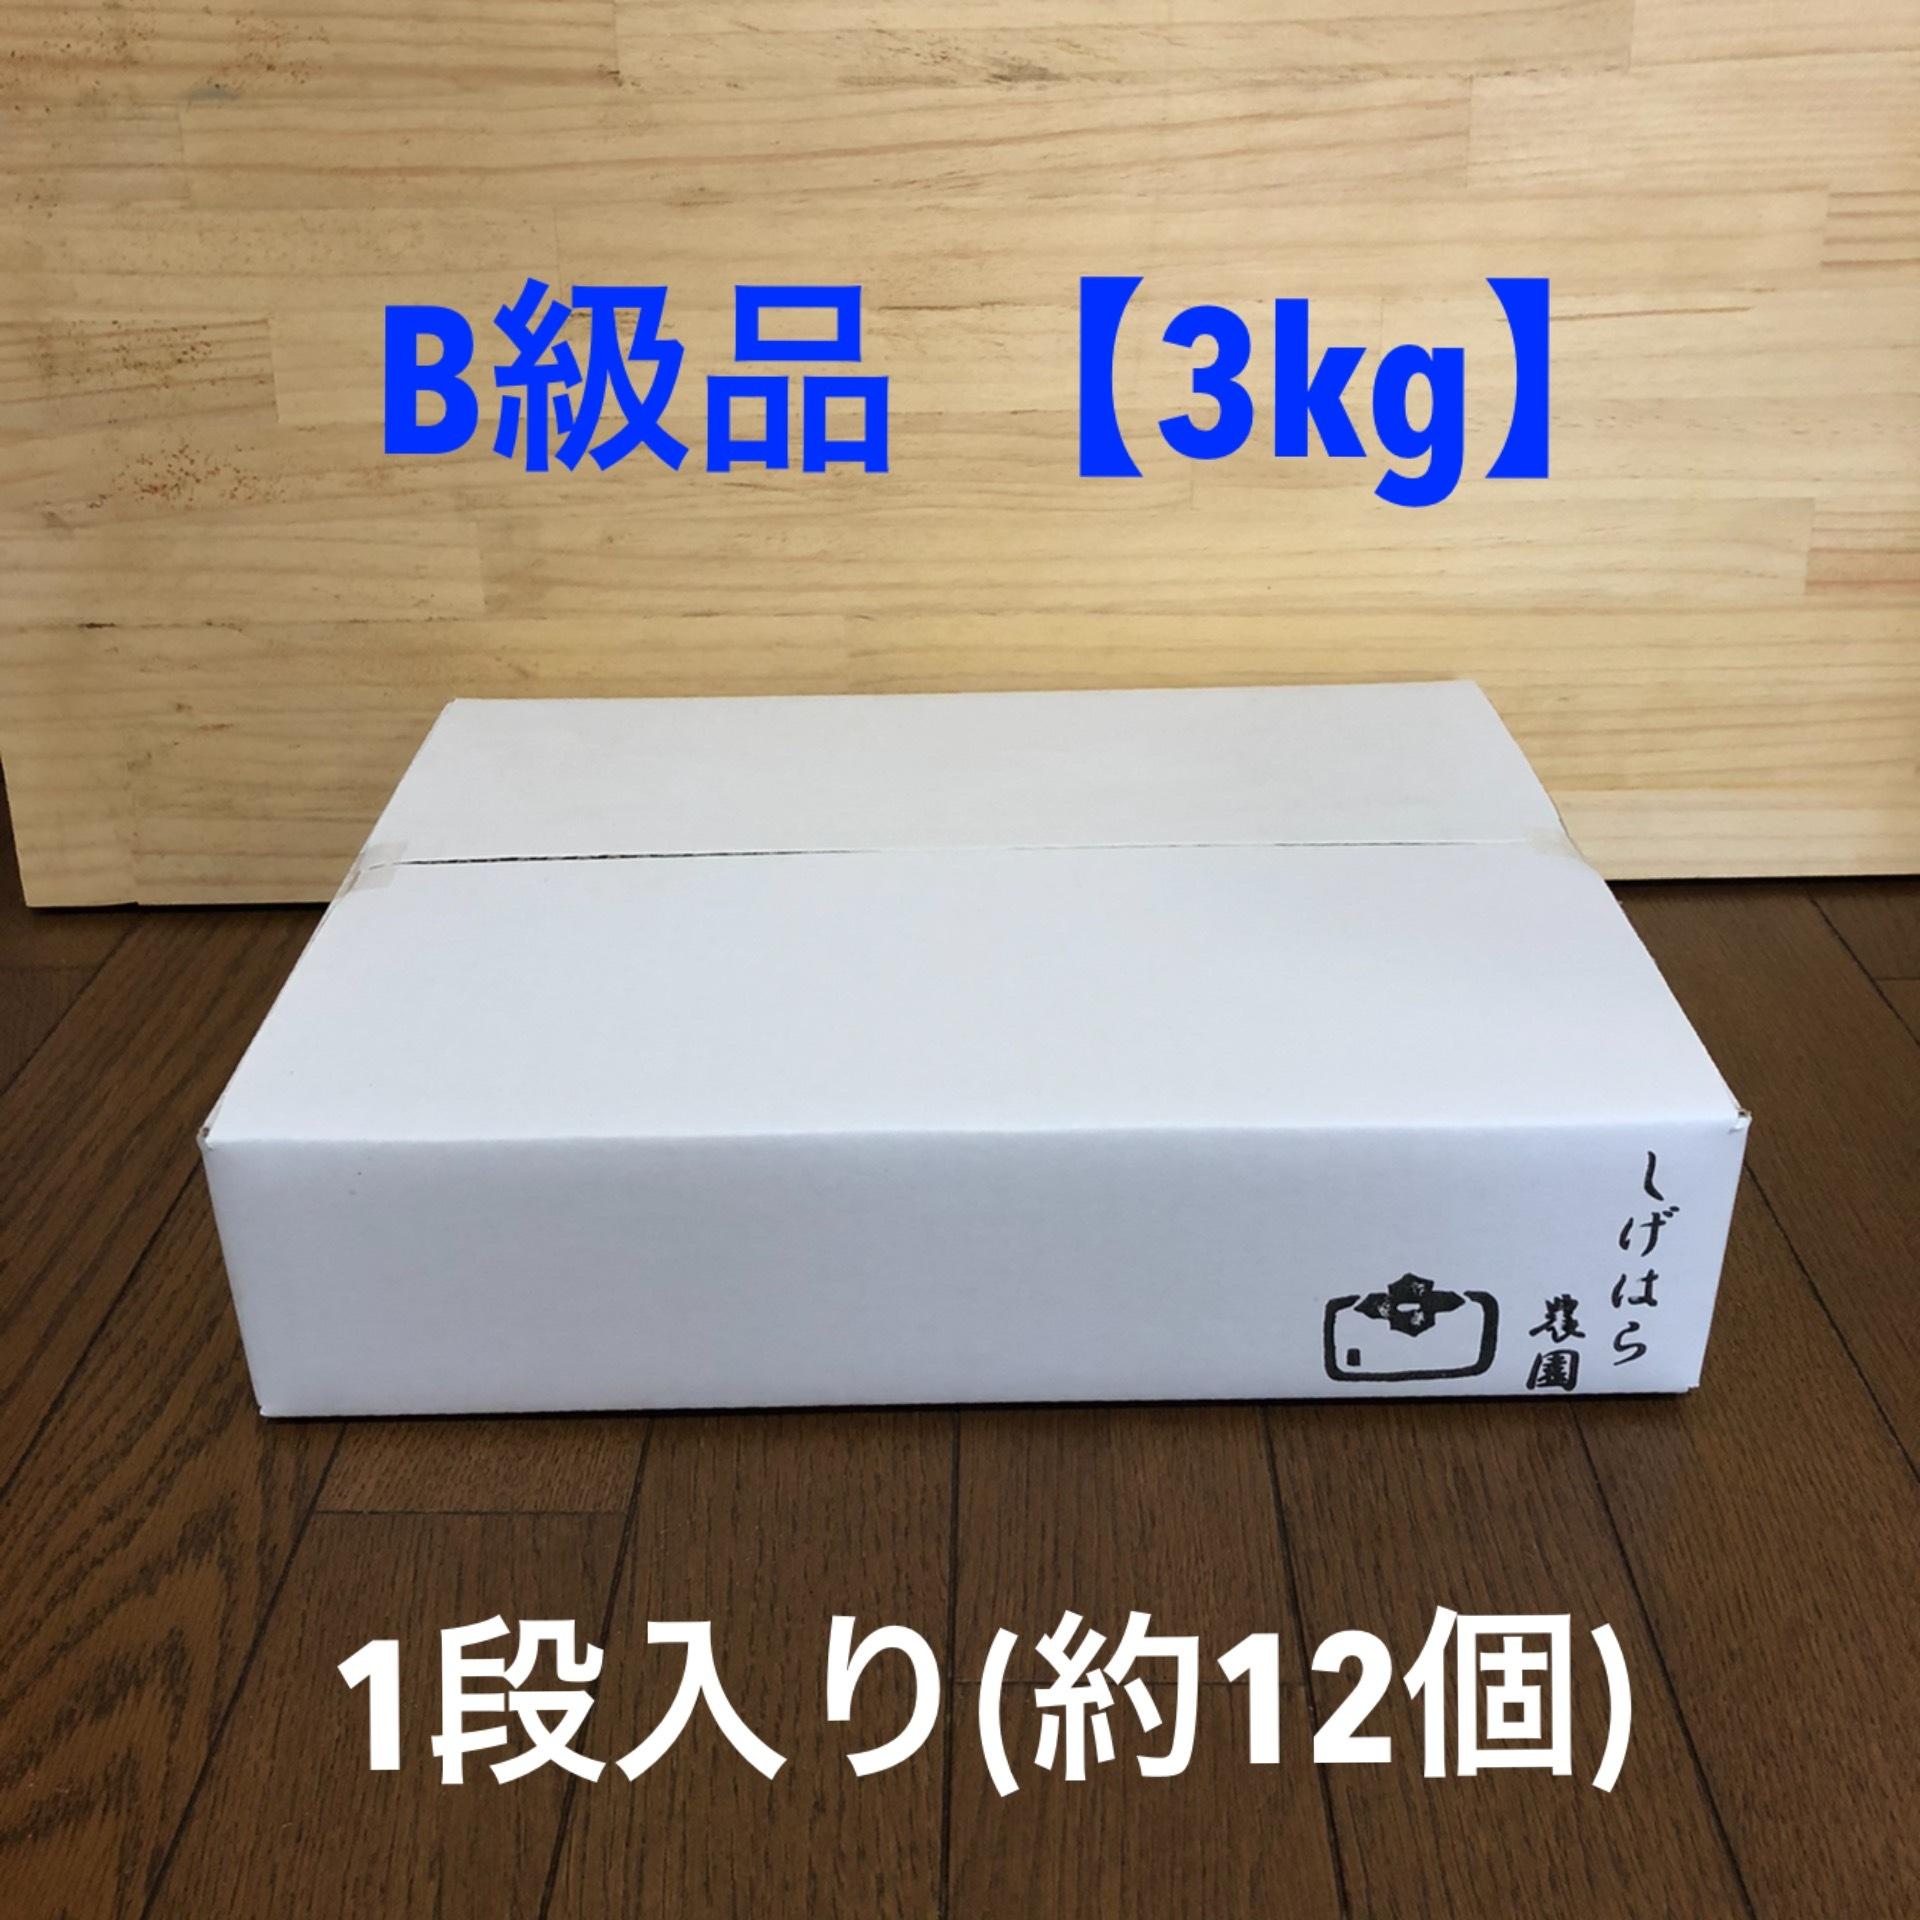 [予約販売] 次郎柿 B級品 【3kg】